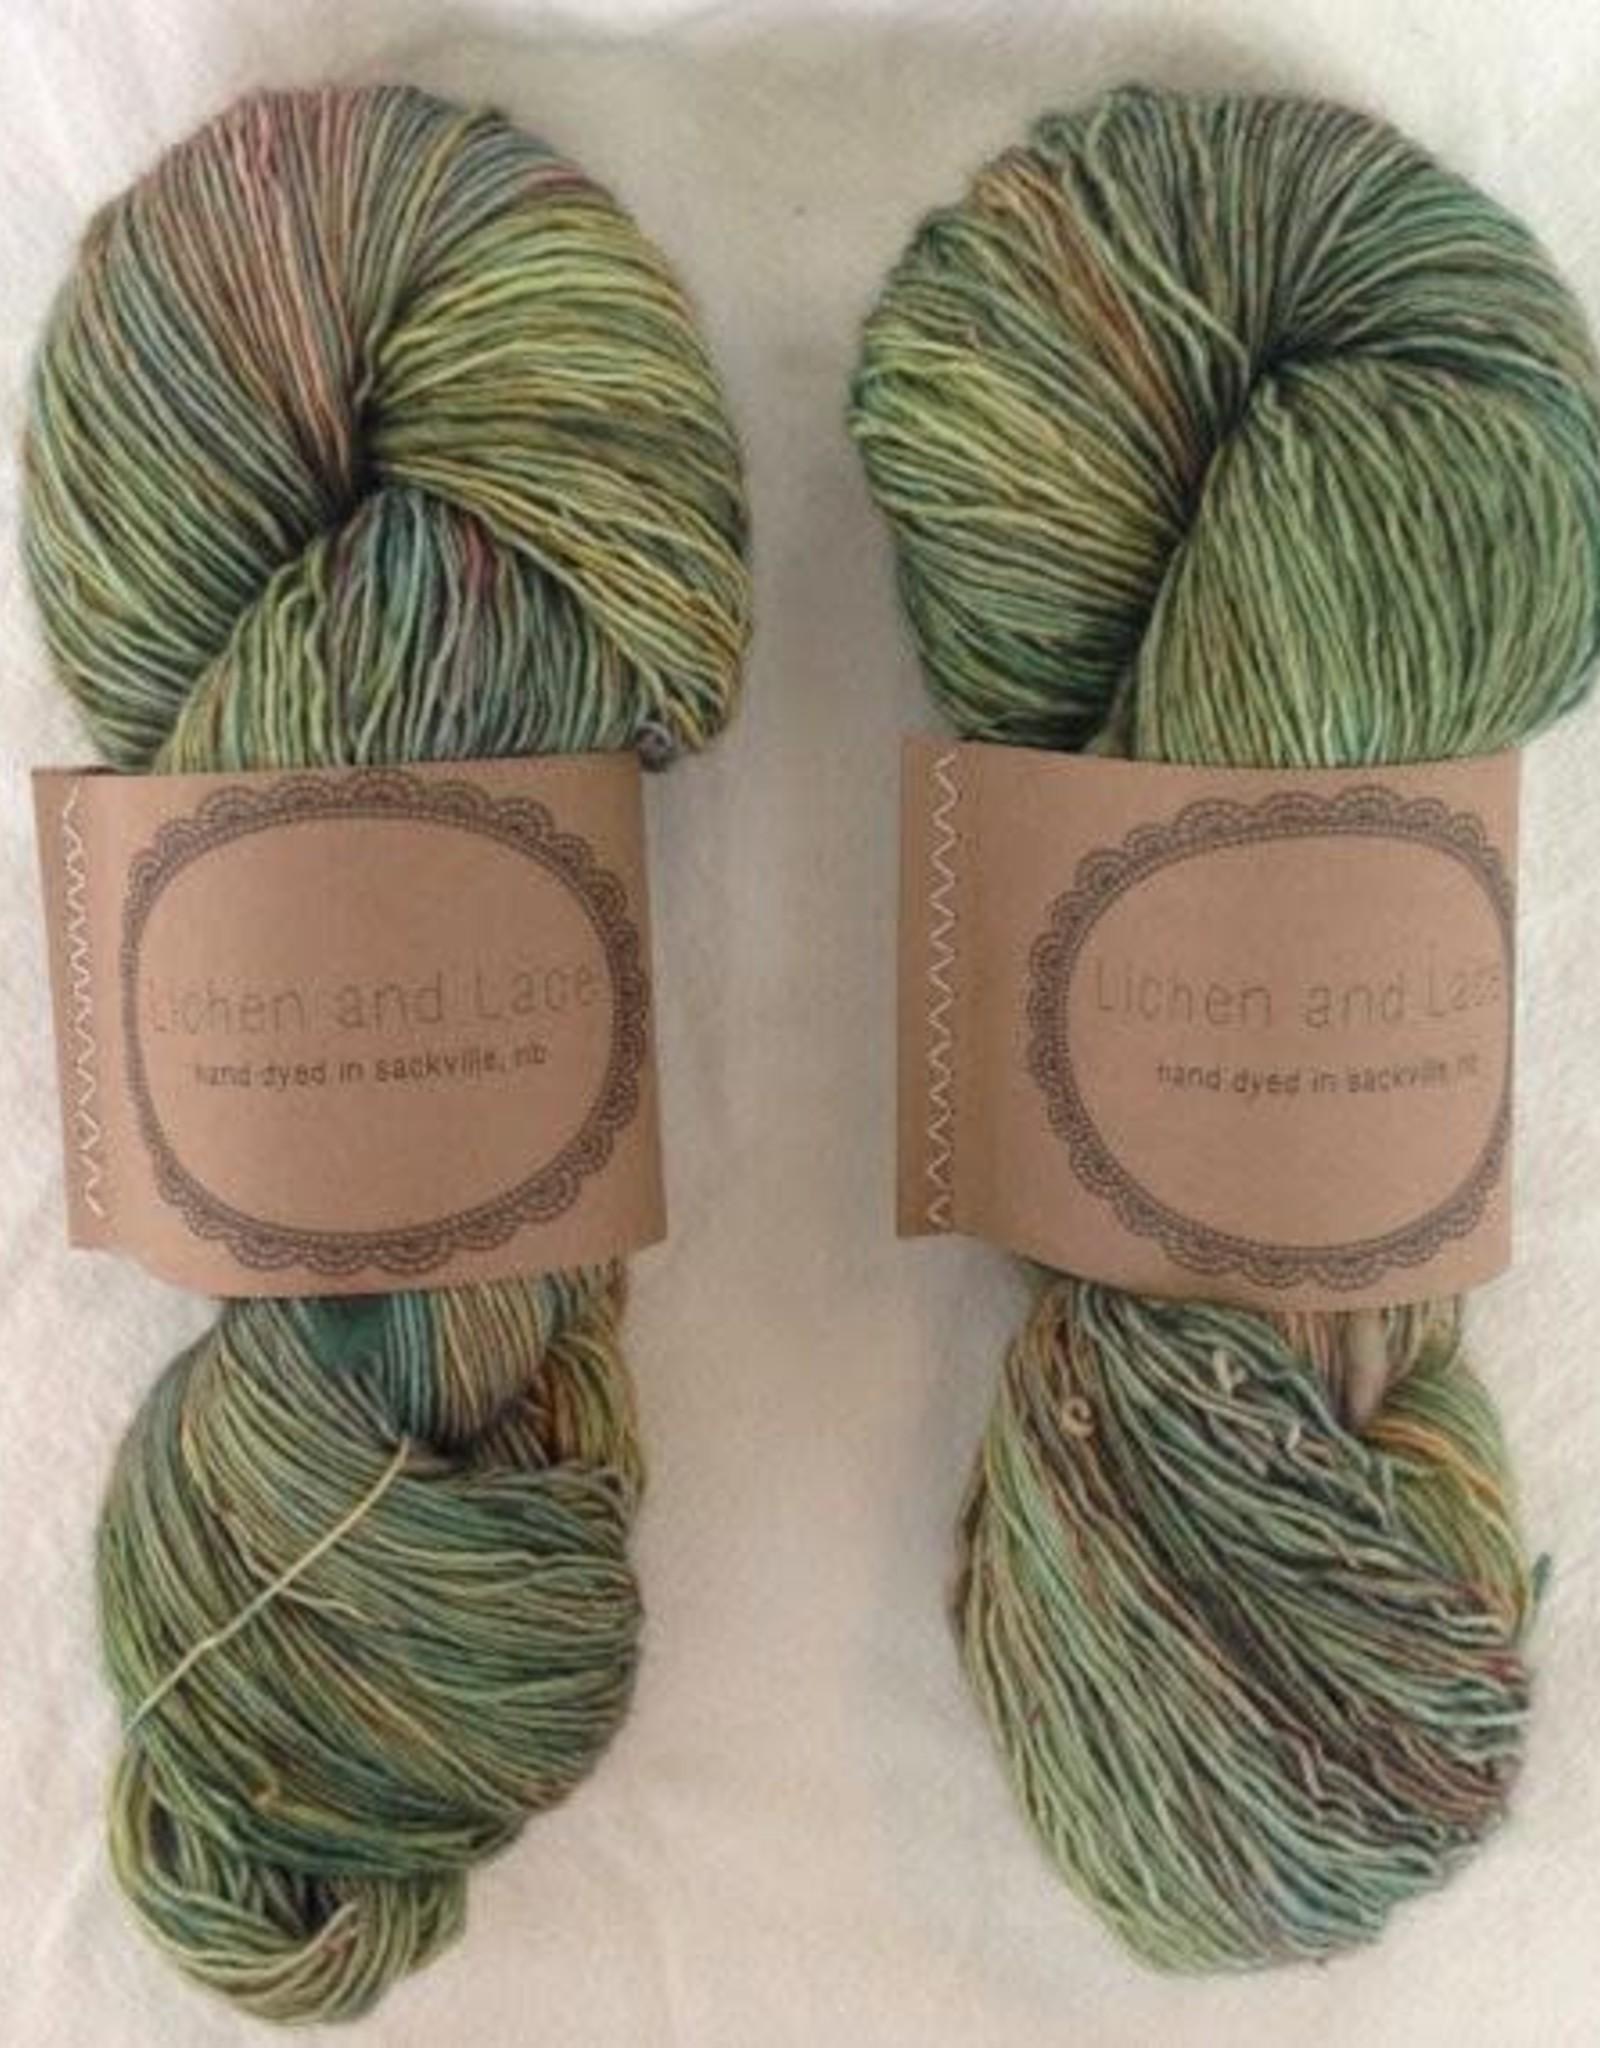 LL 80/20 Sock - Sea Grass